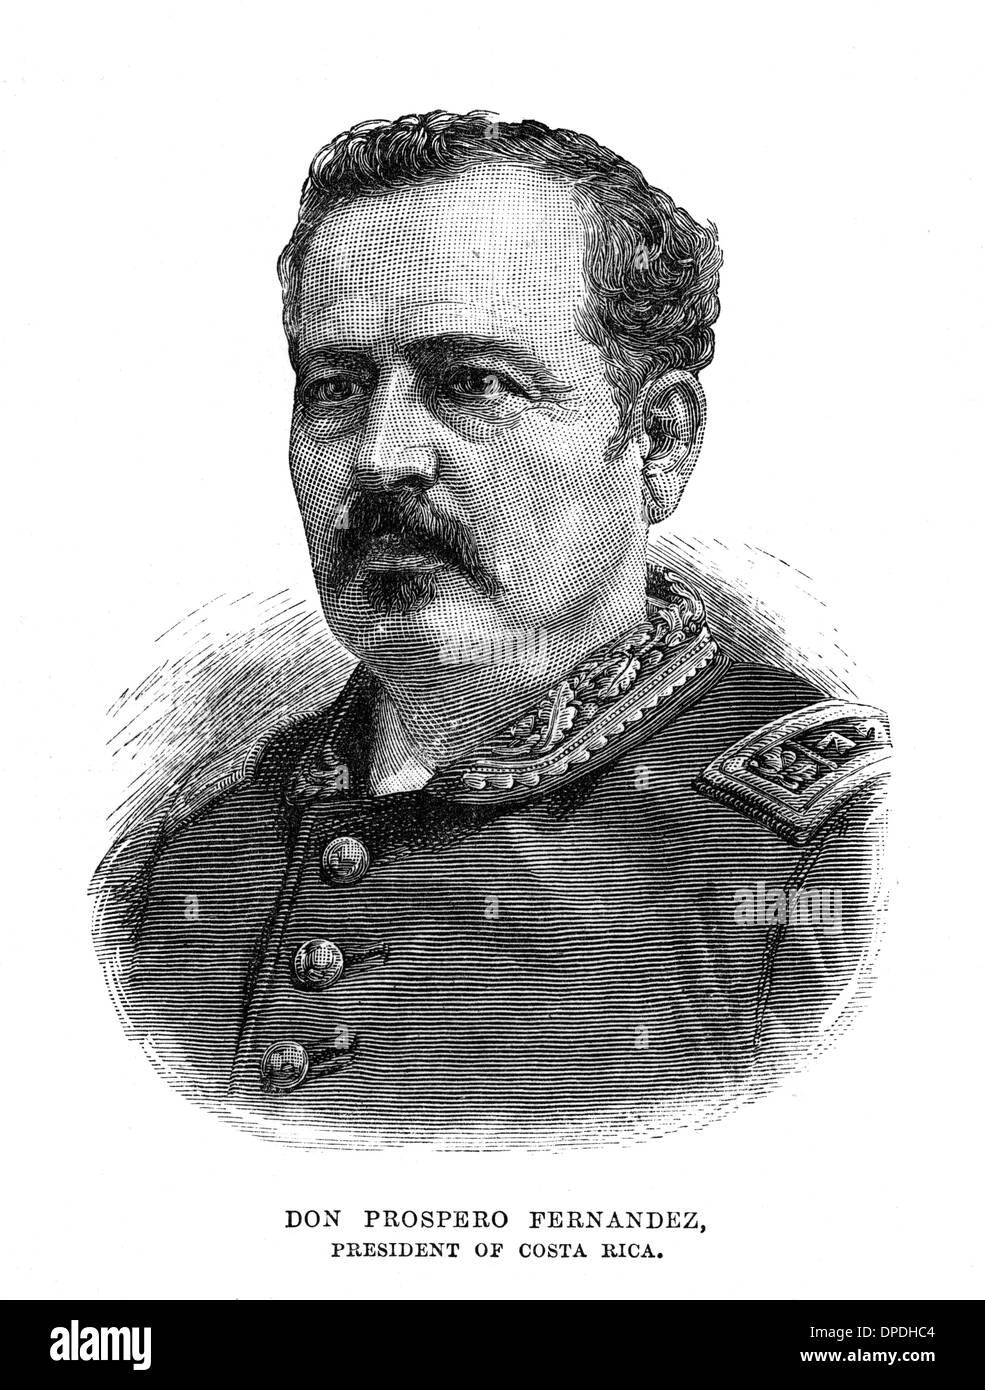 PROSPERO FERNANDEZ - Stock Image